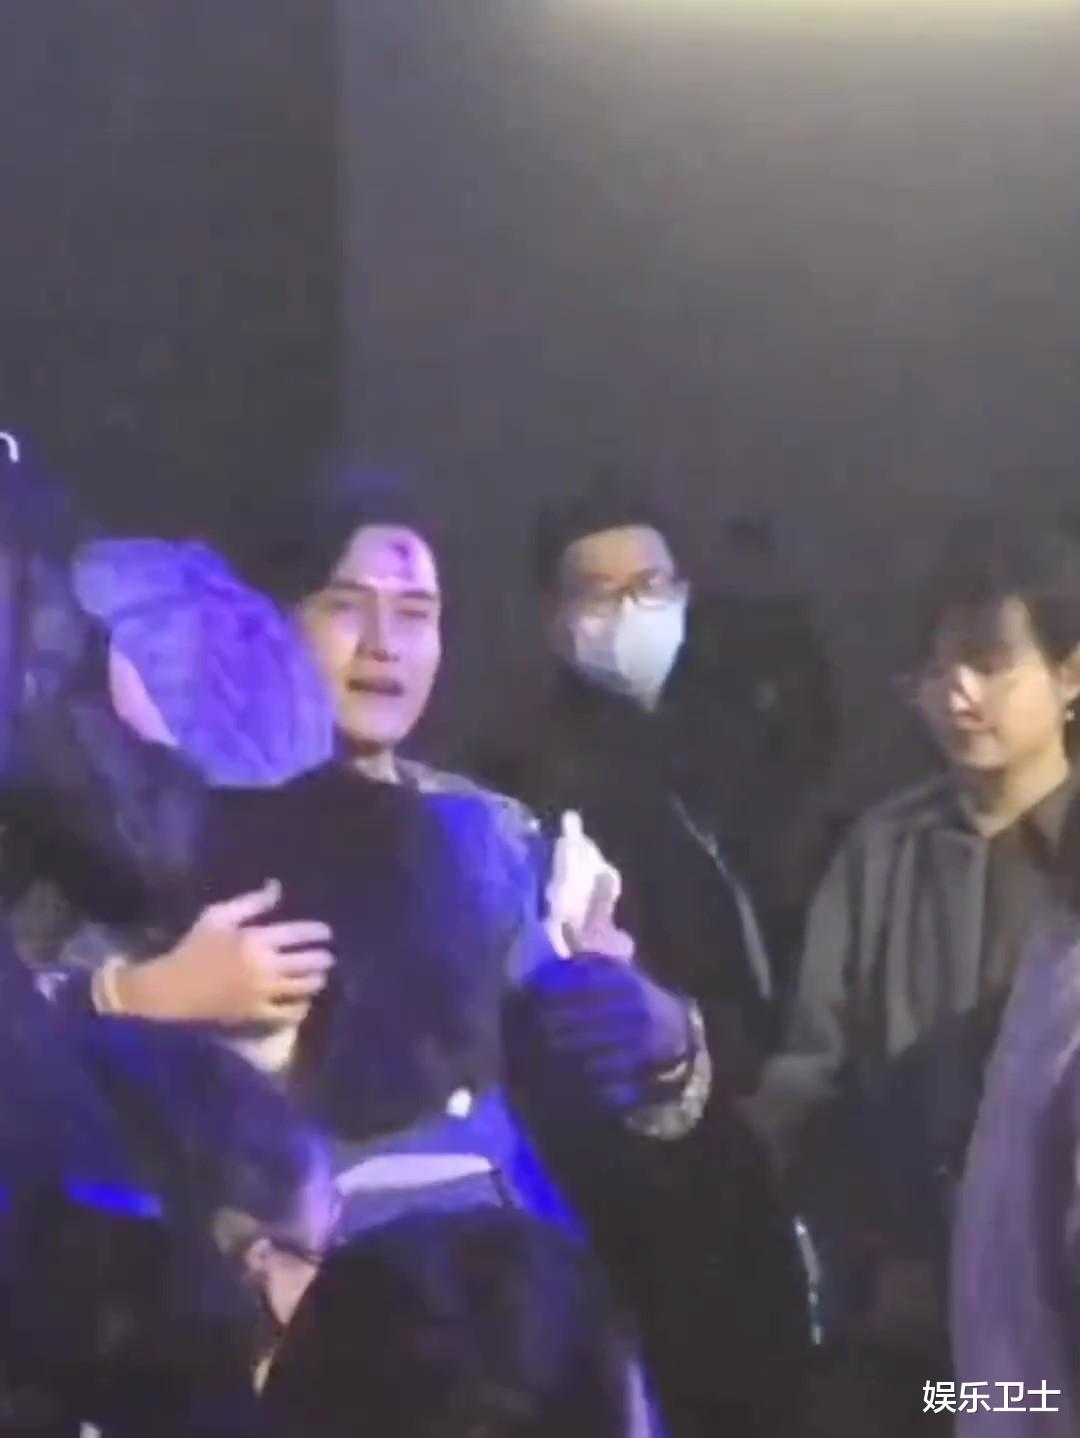 范冰冰參加上海時裝周,被特殊照顧顯大花身份,與馬蘇同框全程避嫌無交流-圖5